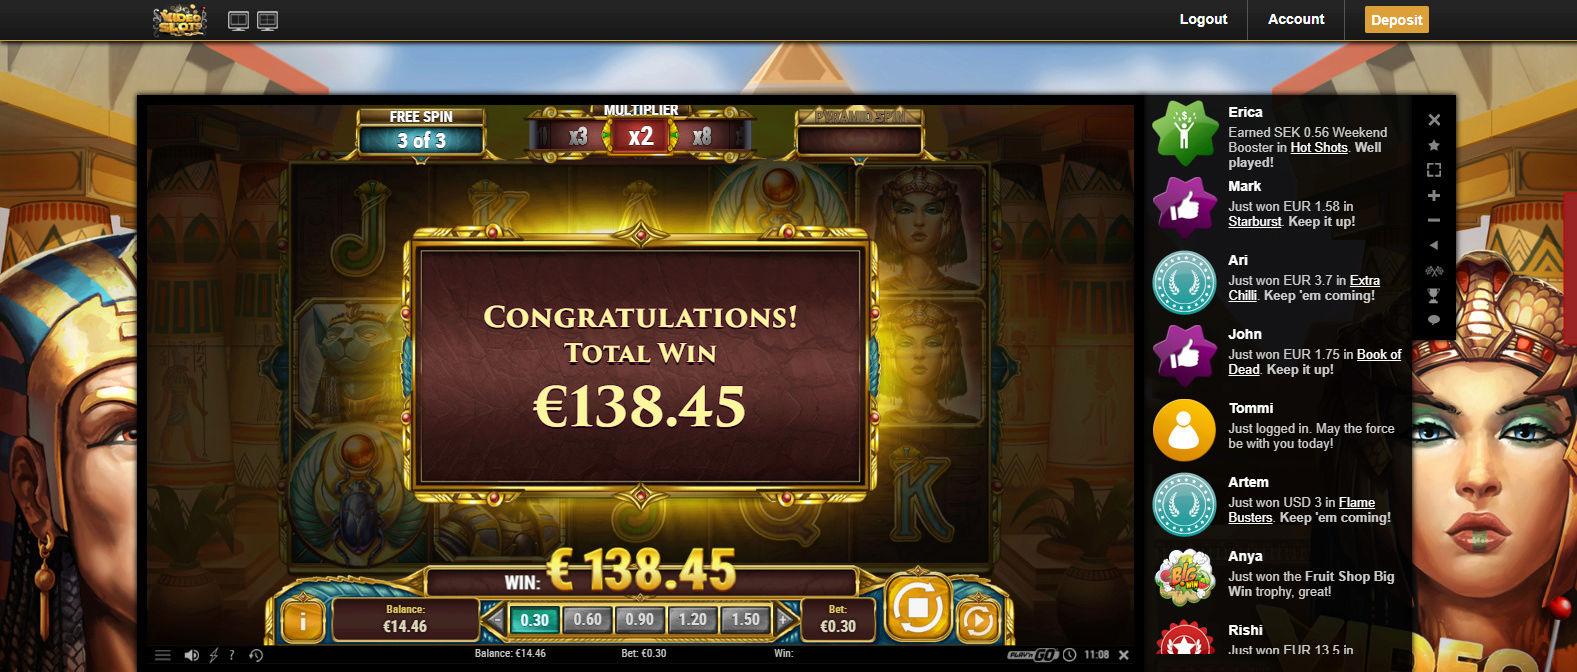 Screenshoty naszych wygranych (minimum 200zł - 50 euro) - kasyno - Page 8 Legacy10